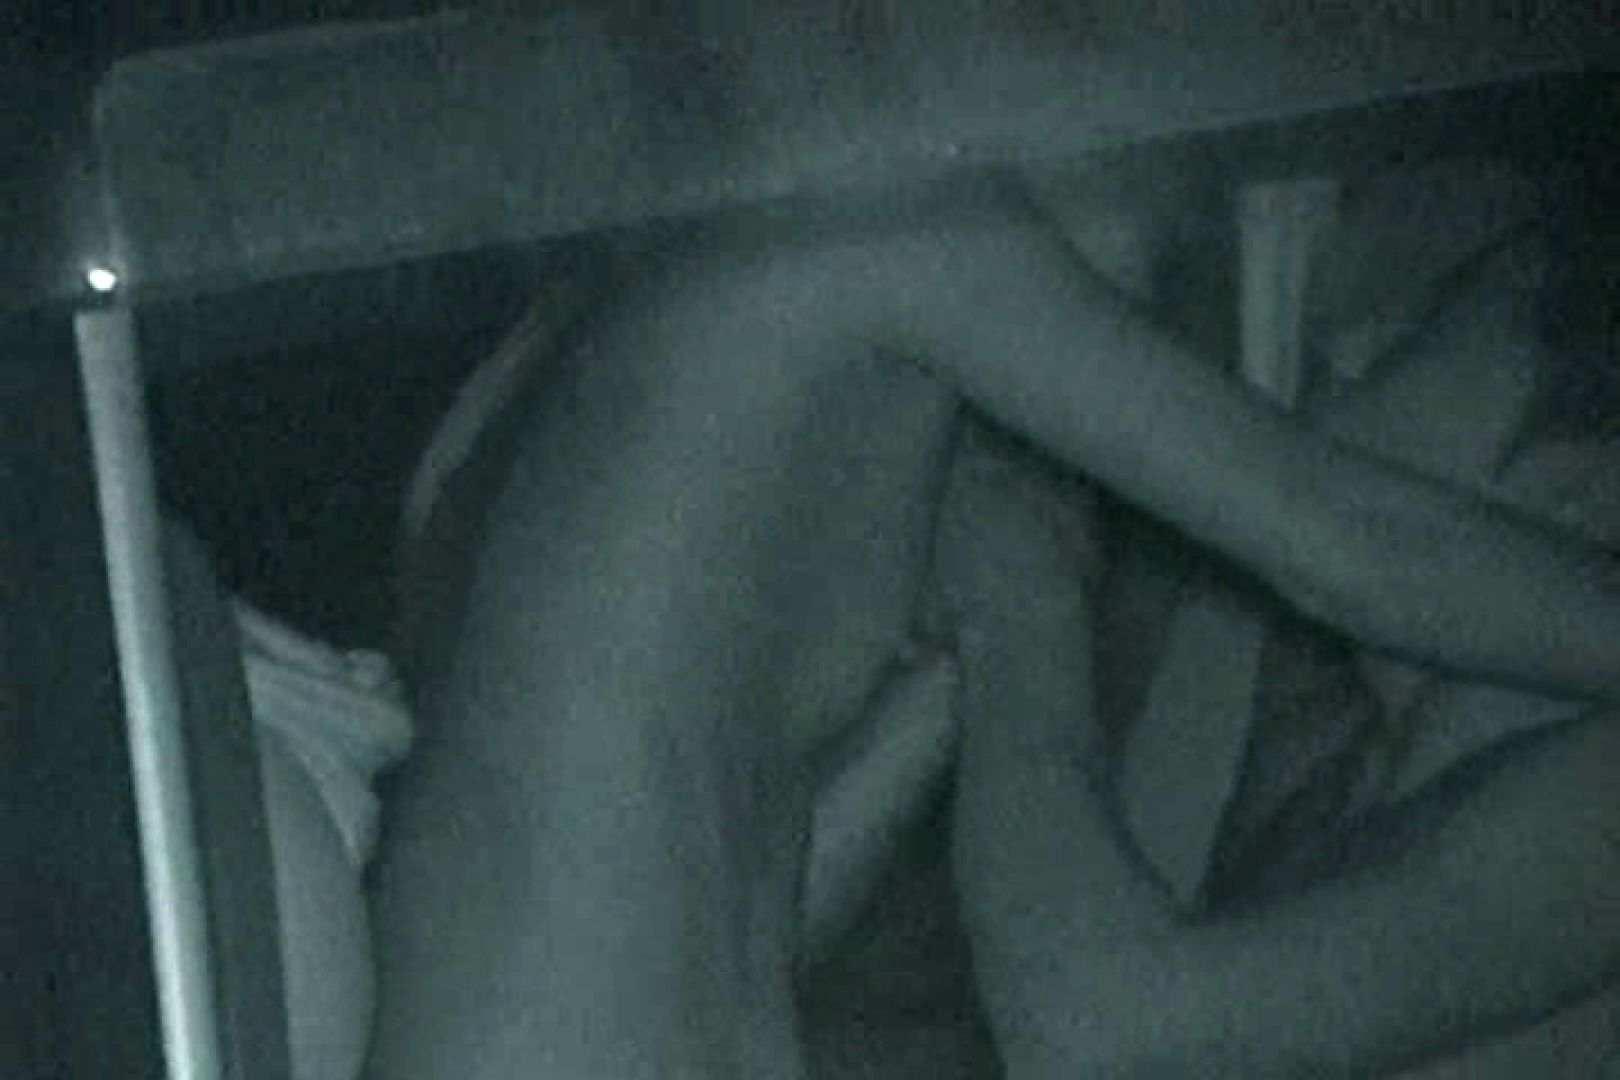 充血監督の深夜の運動会Vol.130 OLセックス 盗撮エロ画像 91画像 46